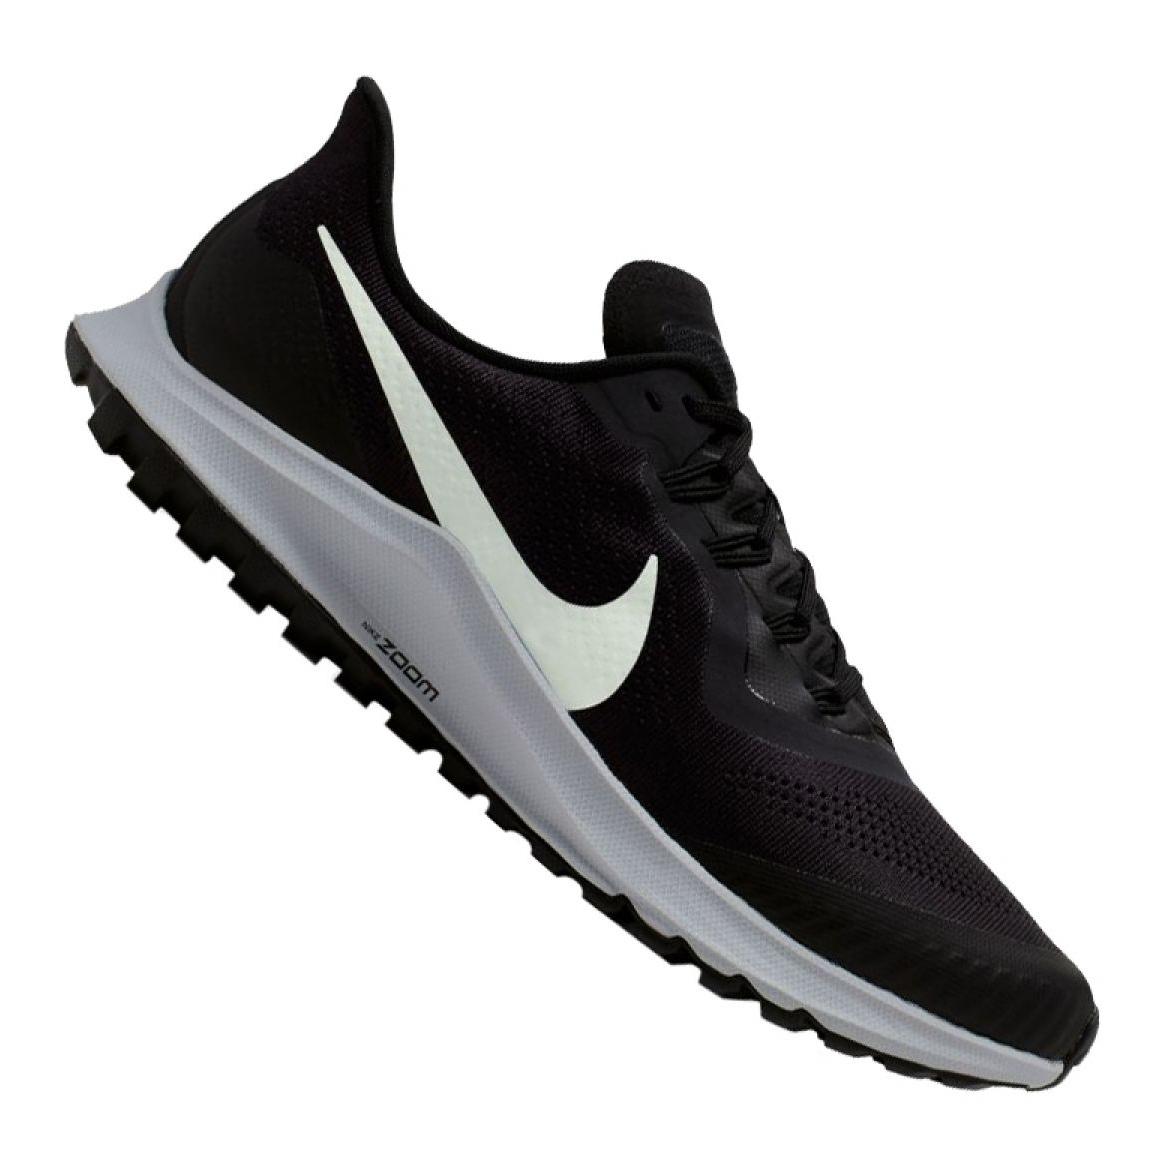 Tênis Nike Air Zoom Pegasus 36 Trail M AR5677 002 preto